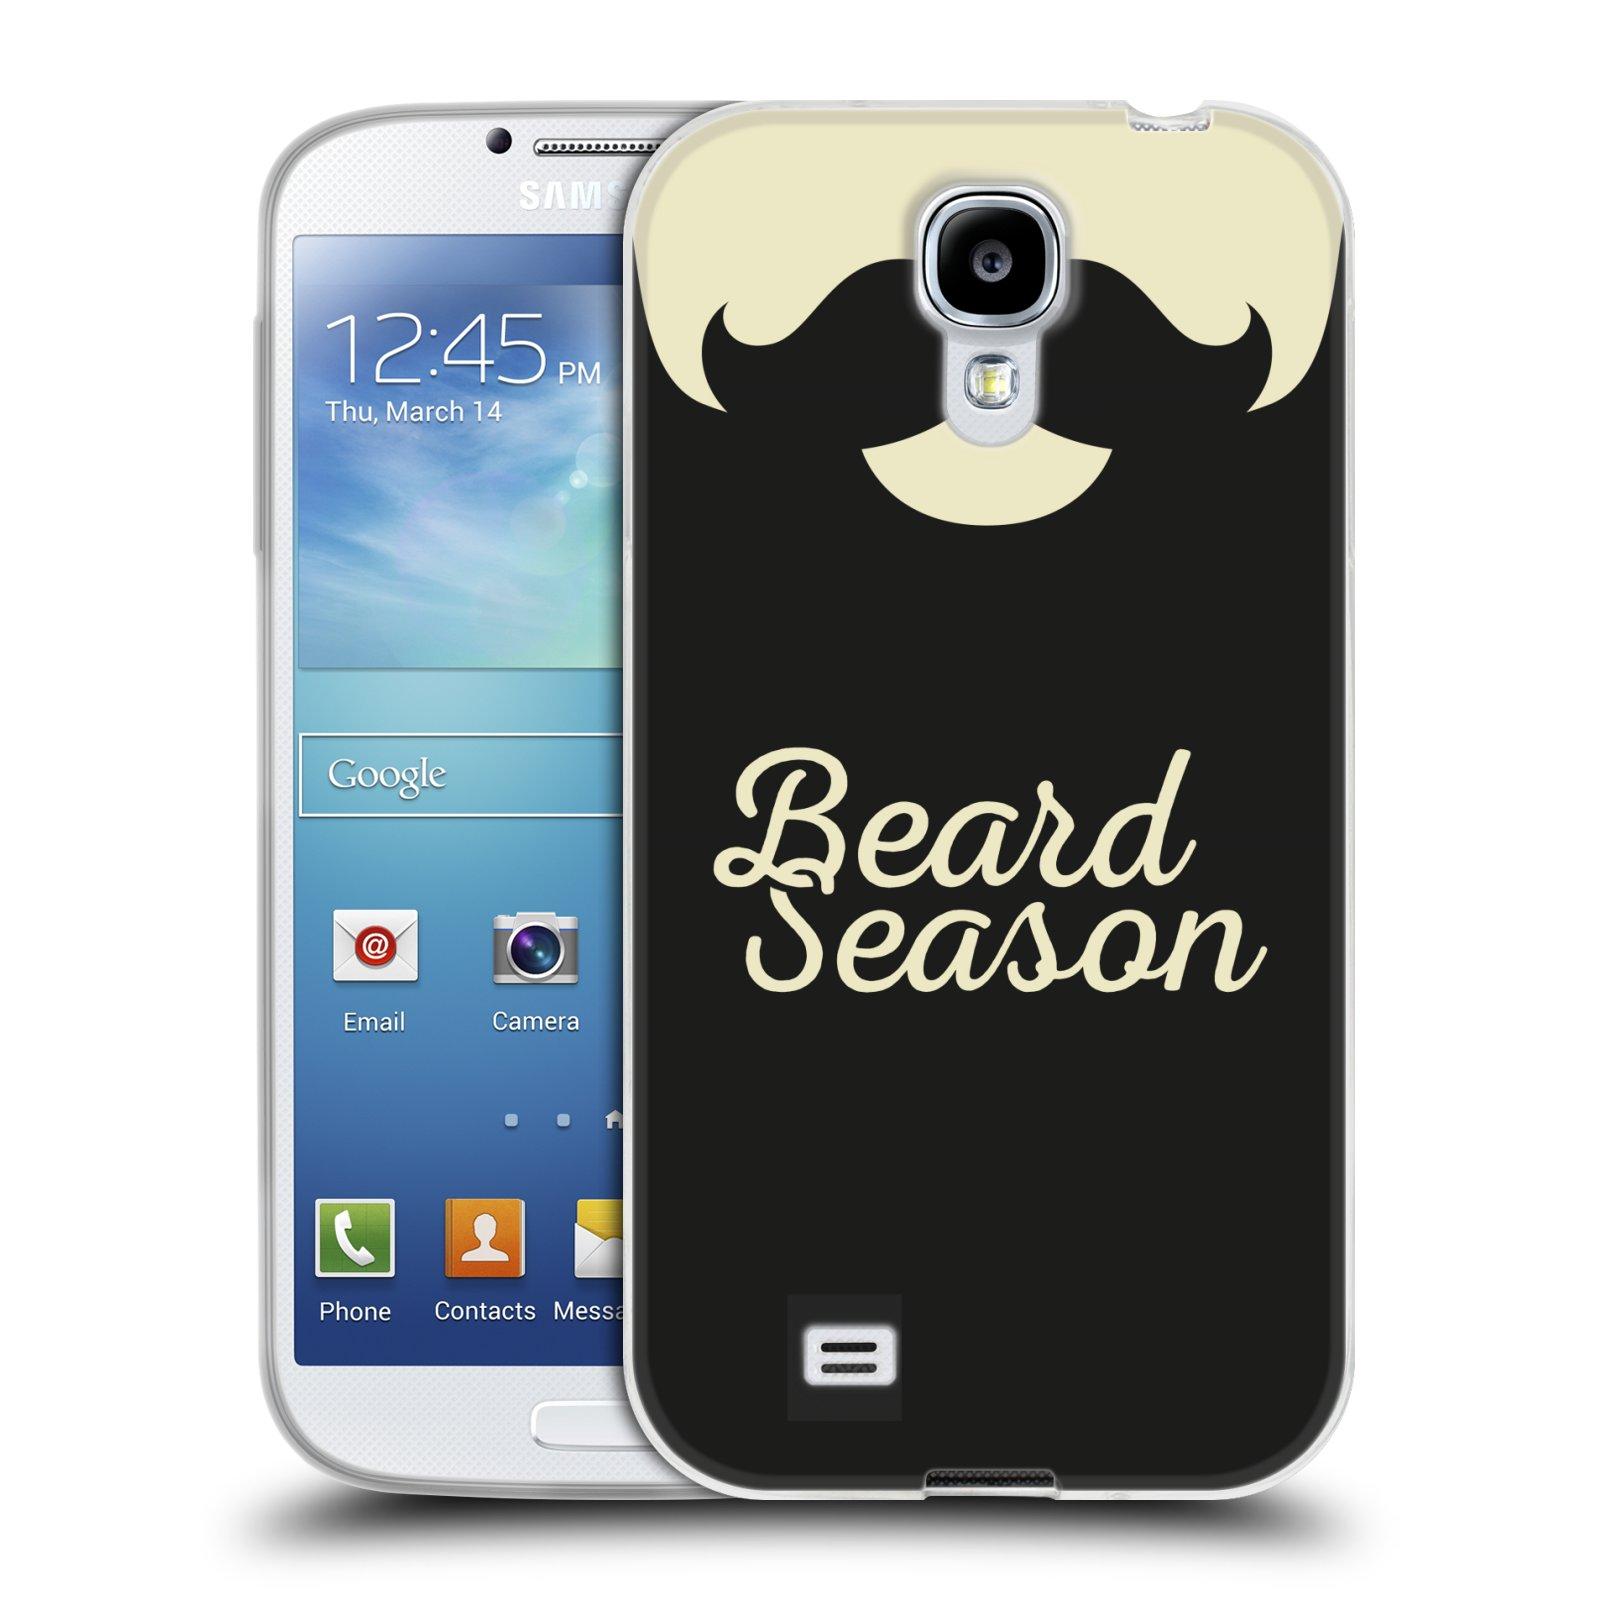 Silikonové pouzdro na mobil Samsung Galaxy S4 HEAD CASE KNÍR BEARD SEASON (Silikonový kryt či obal na mobilní telefon Samsung Galaxy S4 GT-i9505 / i9500)